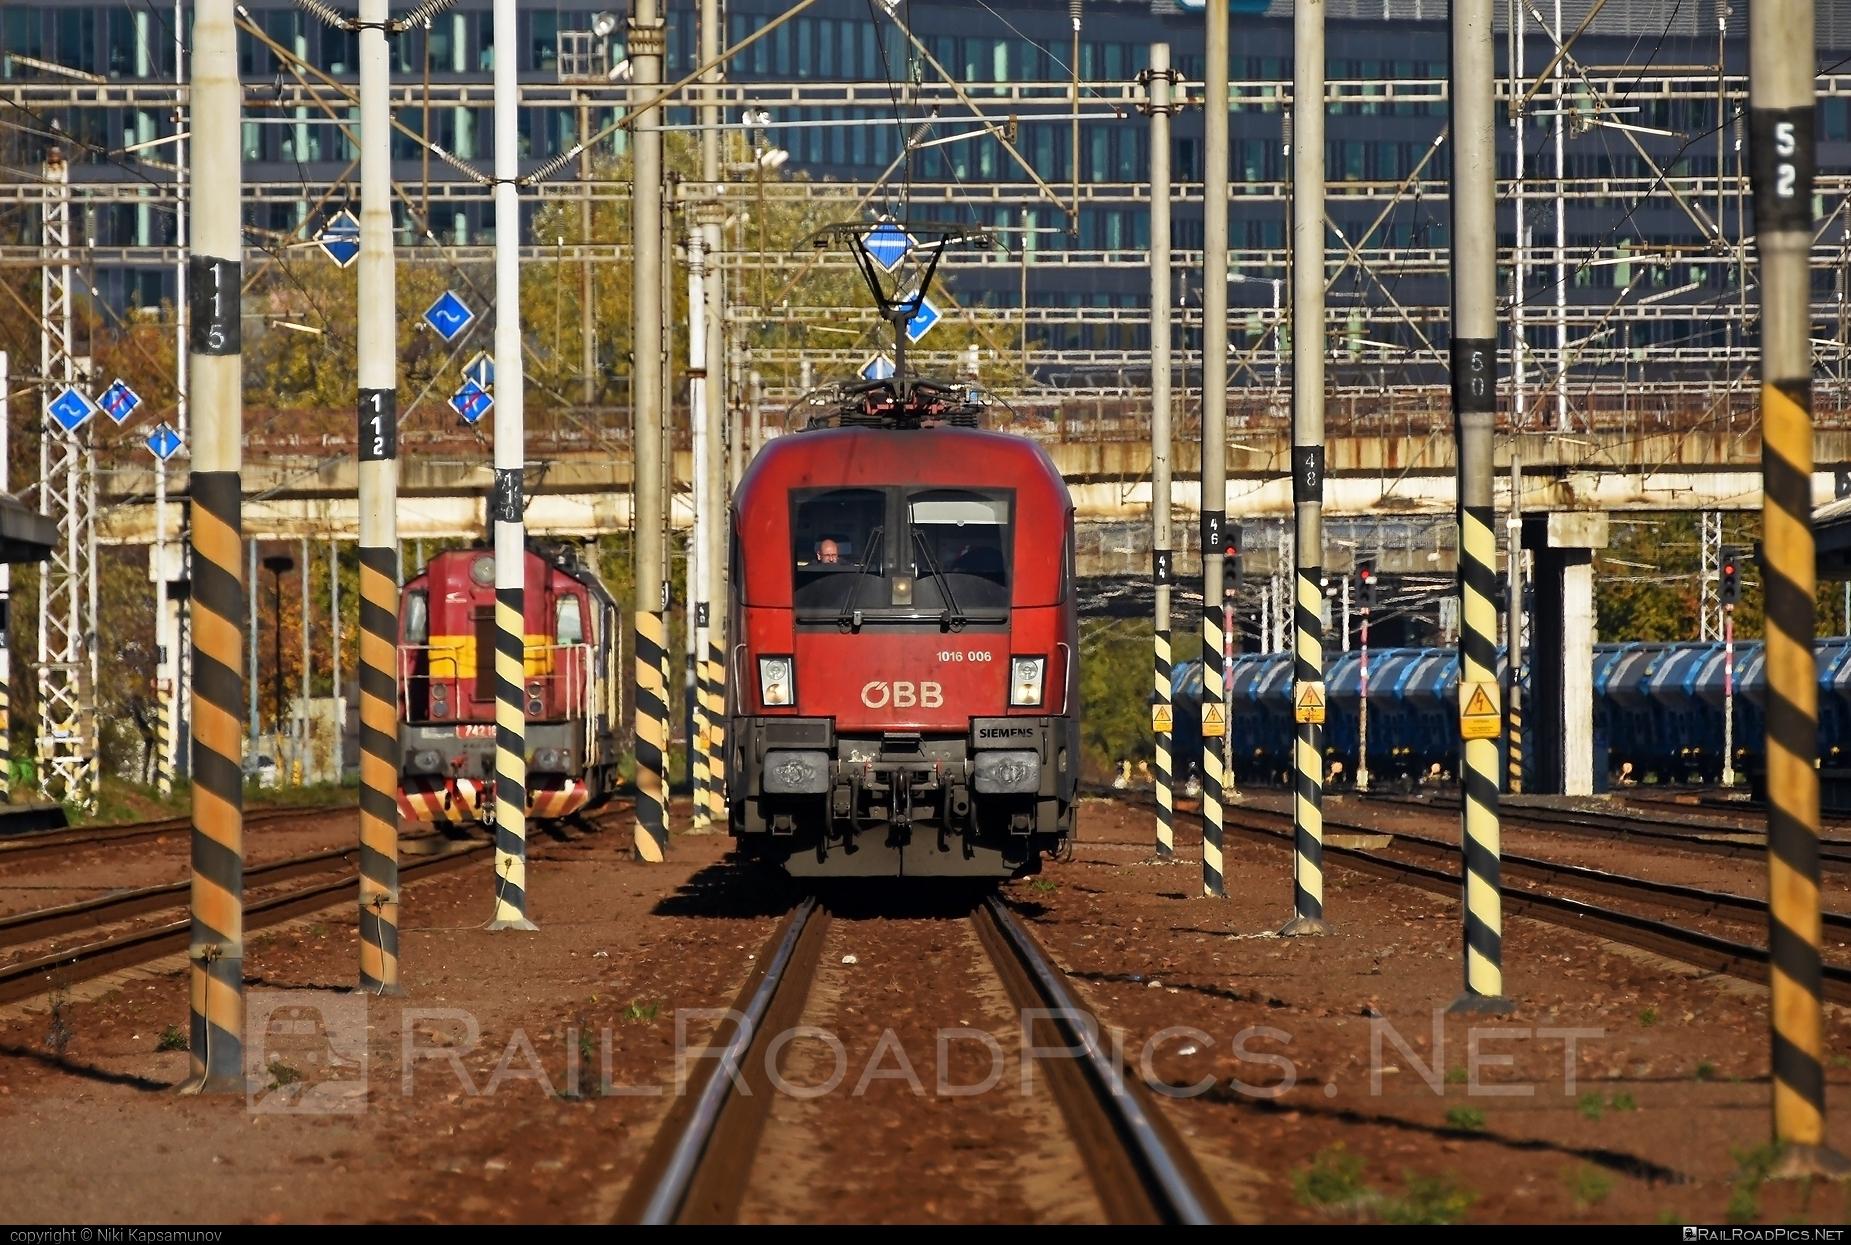 Siemens ES 64 U2 - 1116 006 operated by Rail Cargo Austria AG #es64 #es64u #es64u2 #eurosprinter #obb #osterreichischebundesbahnen #siemens #siemenses64 #siemenses64u #siemenses64u2 #siemenstaurus #taurus #tauruslocomotive